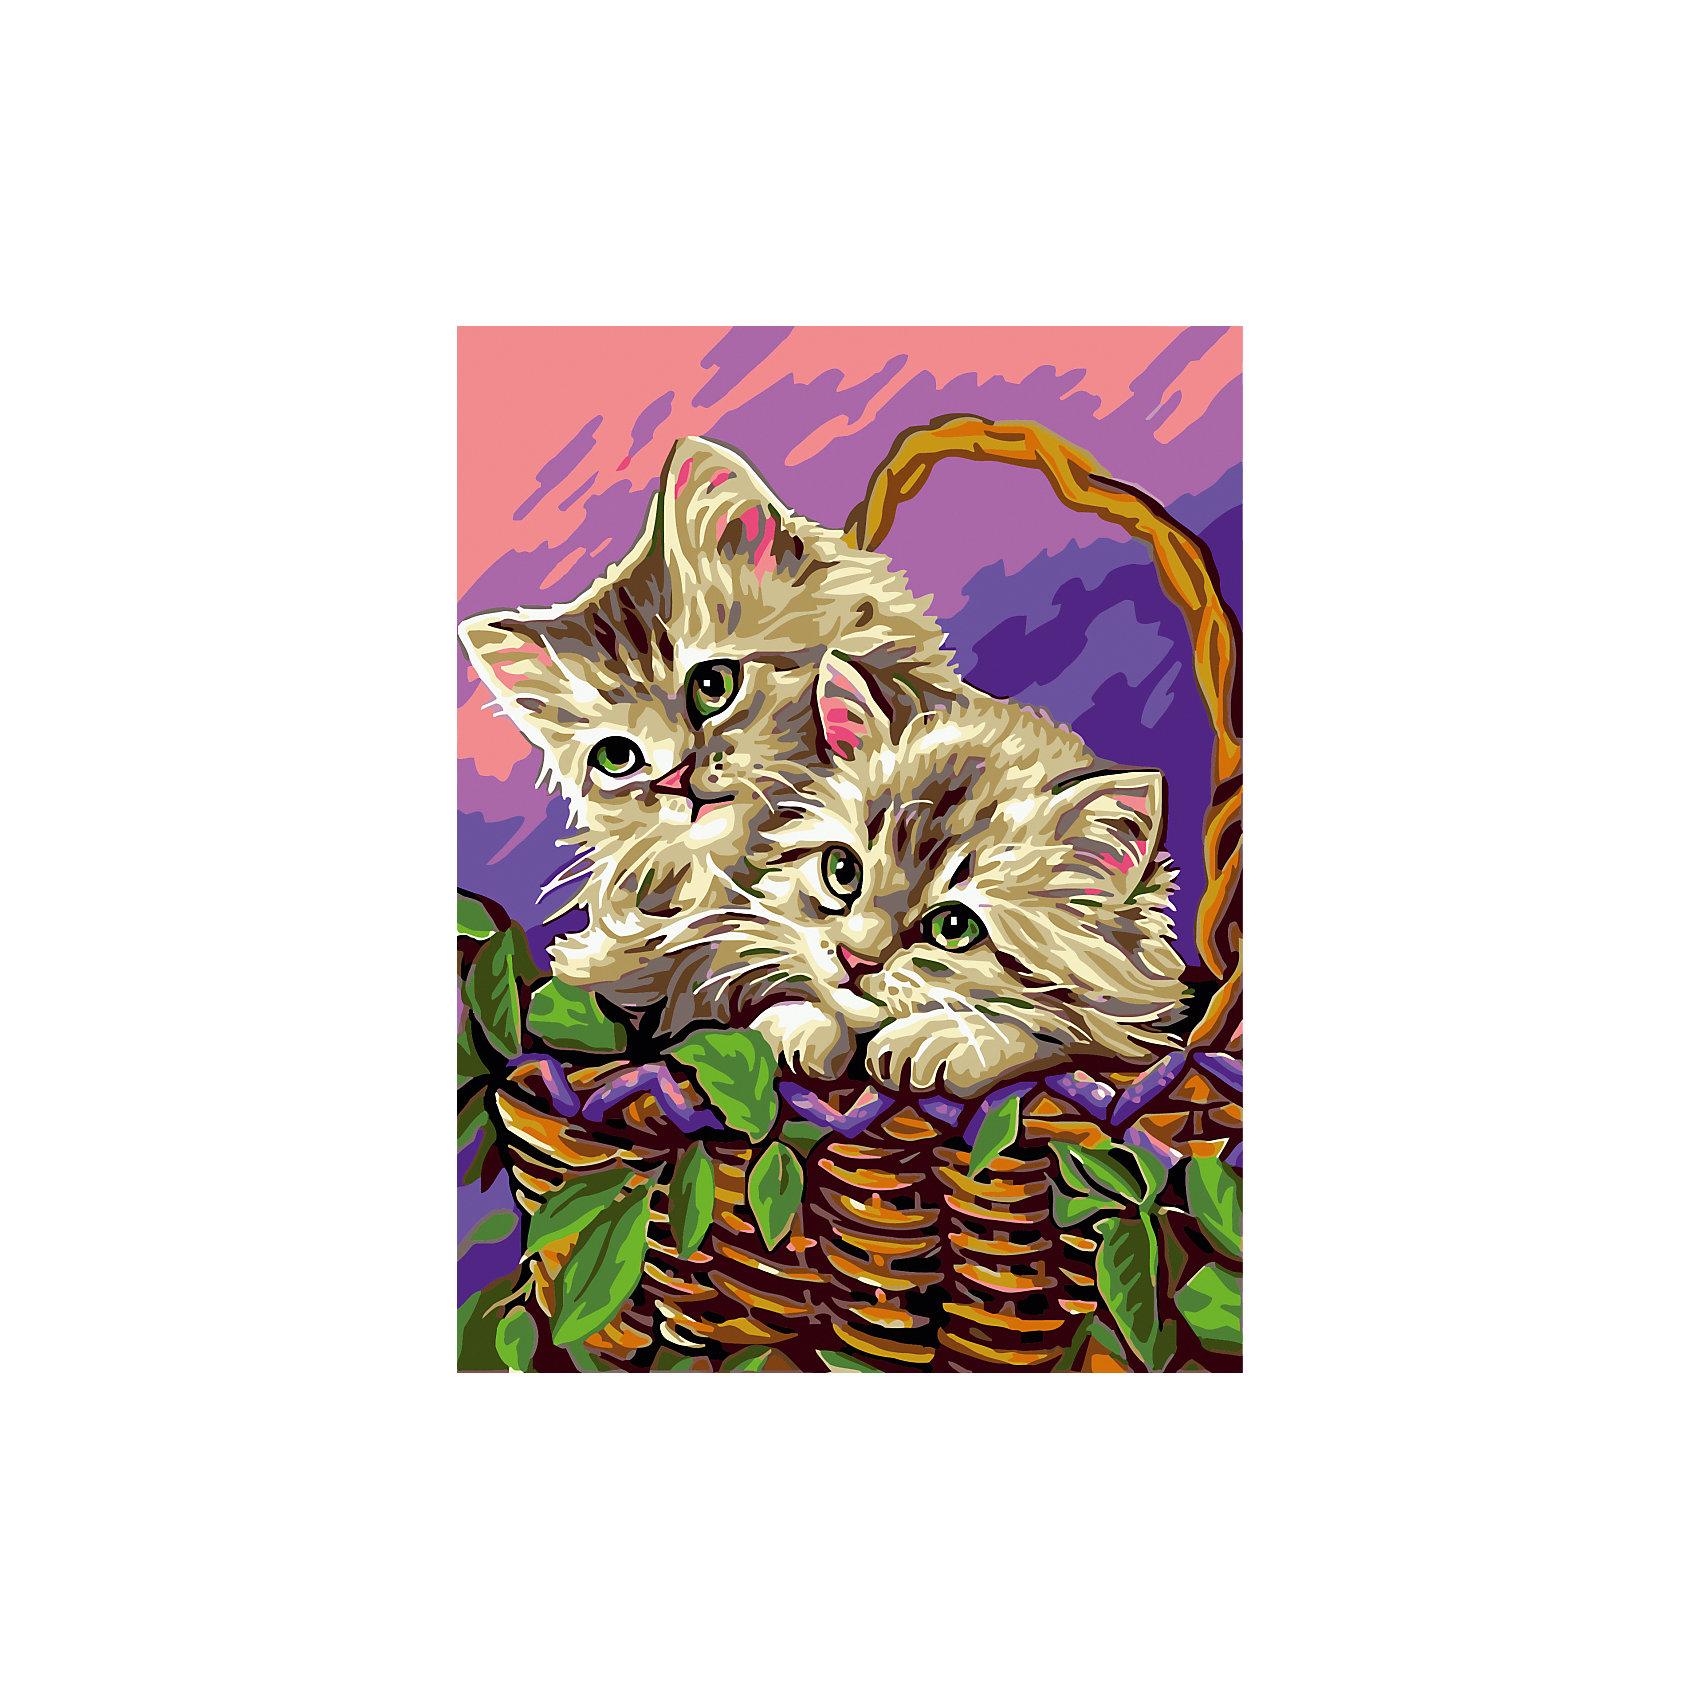 Роспись по номерам Котята в корзинке 30*40 см, детская серияХарактеристики товара:<br><br>- цвет: разноцветный;<br>- материал: бумага, акрил;<br>- комплектация: холст на подрамнике, кисти, краски, контрольный рисунок, инструкция;<br>- размер картины: 30х40 см.<br><br>Такой комплект для рисования из специальной детской серии станет отличным подарком для ребенка. Он помогает развить художественные навыки, поверить в свои силы, а в итоге работы получается картина, которое может украсить детскую или стать подарком родственникам!<br>Основа этого набора - полотно на подрамнике размером 30 на 40 сантиметров, на которое нанесены контуры рисунка, а участки пронумерованы. Каждому номеру соответствует баночка с краской определенного оттенка. Для удобного нанесения акриловых красок на водной основе в наборе есть три разные кисти, с их помощью даже мелкие детали можно аккуратно и красиво прорисовать. Чтобы контролировать процесс, можно сверяться с контрольным рисунком, на котором изображена готовая картина.<br>Роспись по такой схеме помогает развивать у ребенка зрительную память, концентрацию внимания, мелкую моторику и цветовосприятие.<br><br>Роспись по номерам Котята в корзинке 30*40 см, детская серия, можно купить в нашем интернет-магазине.<br><br>Ширина мм: 320<br>Глубина мм: 420<br>Высота мм: 40<br>Вес г: 900<br>Возраст от месяцев: 36<br>Возраст до месяцев: 2147483647<br>Пол: Унисекс<br>Возраст: Детский<br>SKU: 5117517